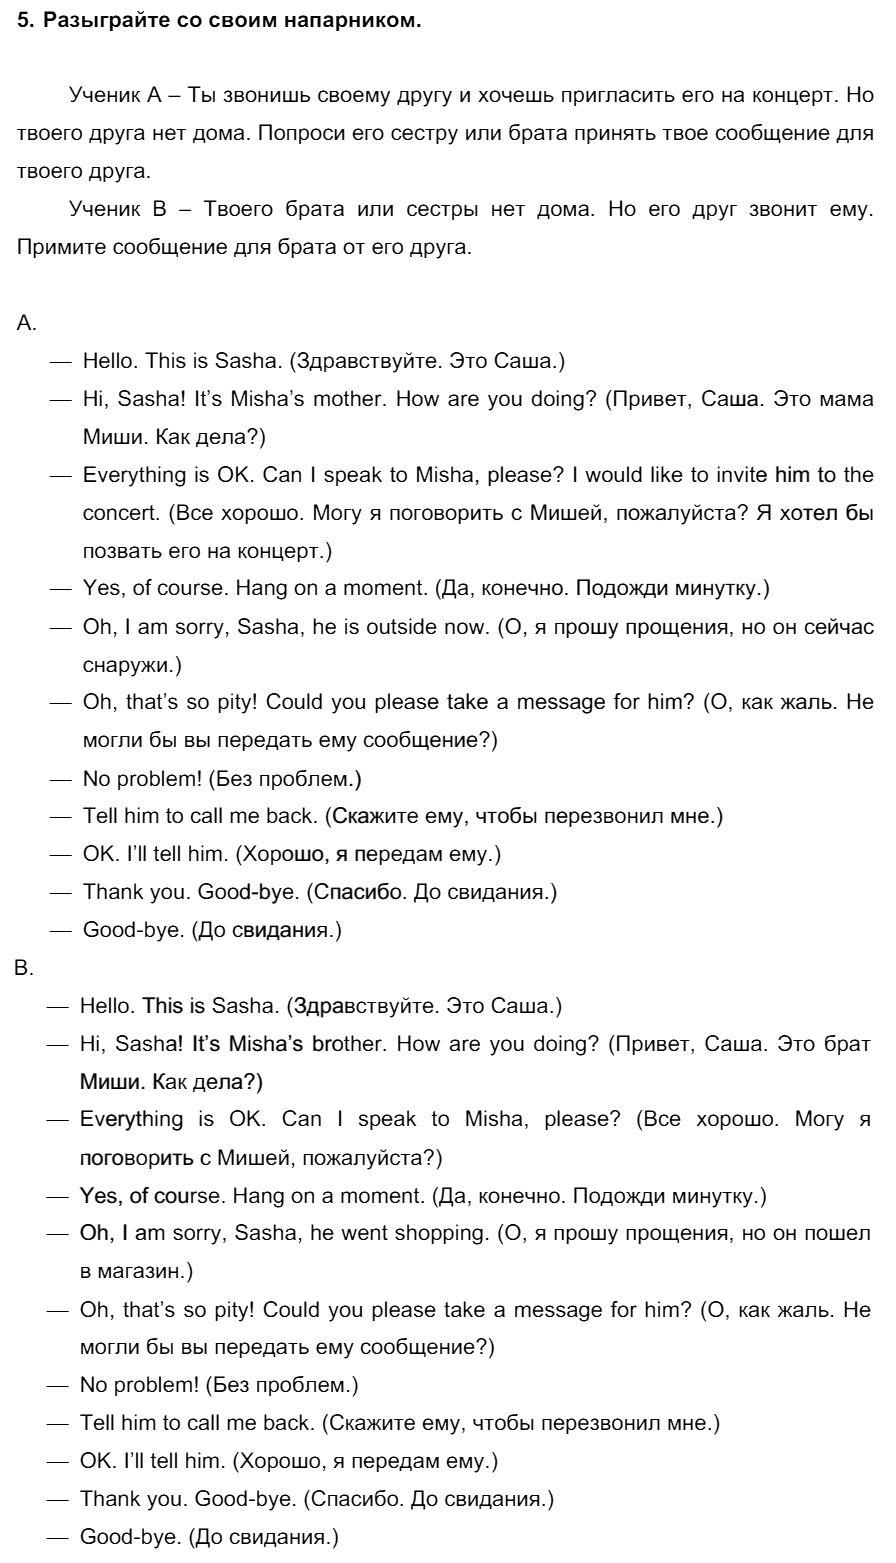 Английский язык 7 класс Биболетова М. З. Unit 1. Международные соревнования тинейджеров / Проверка знаний: 5